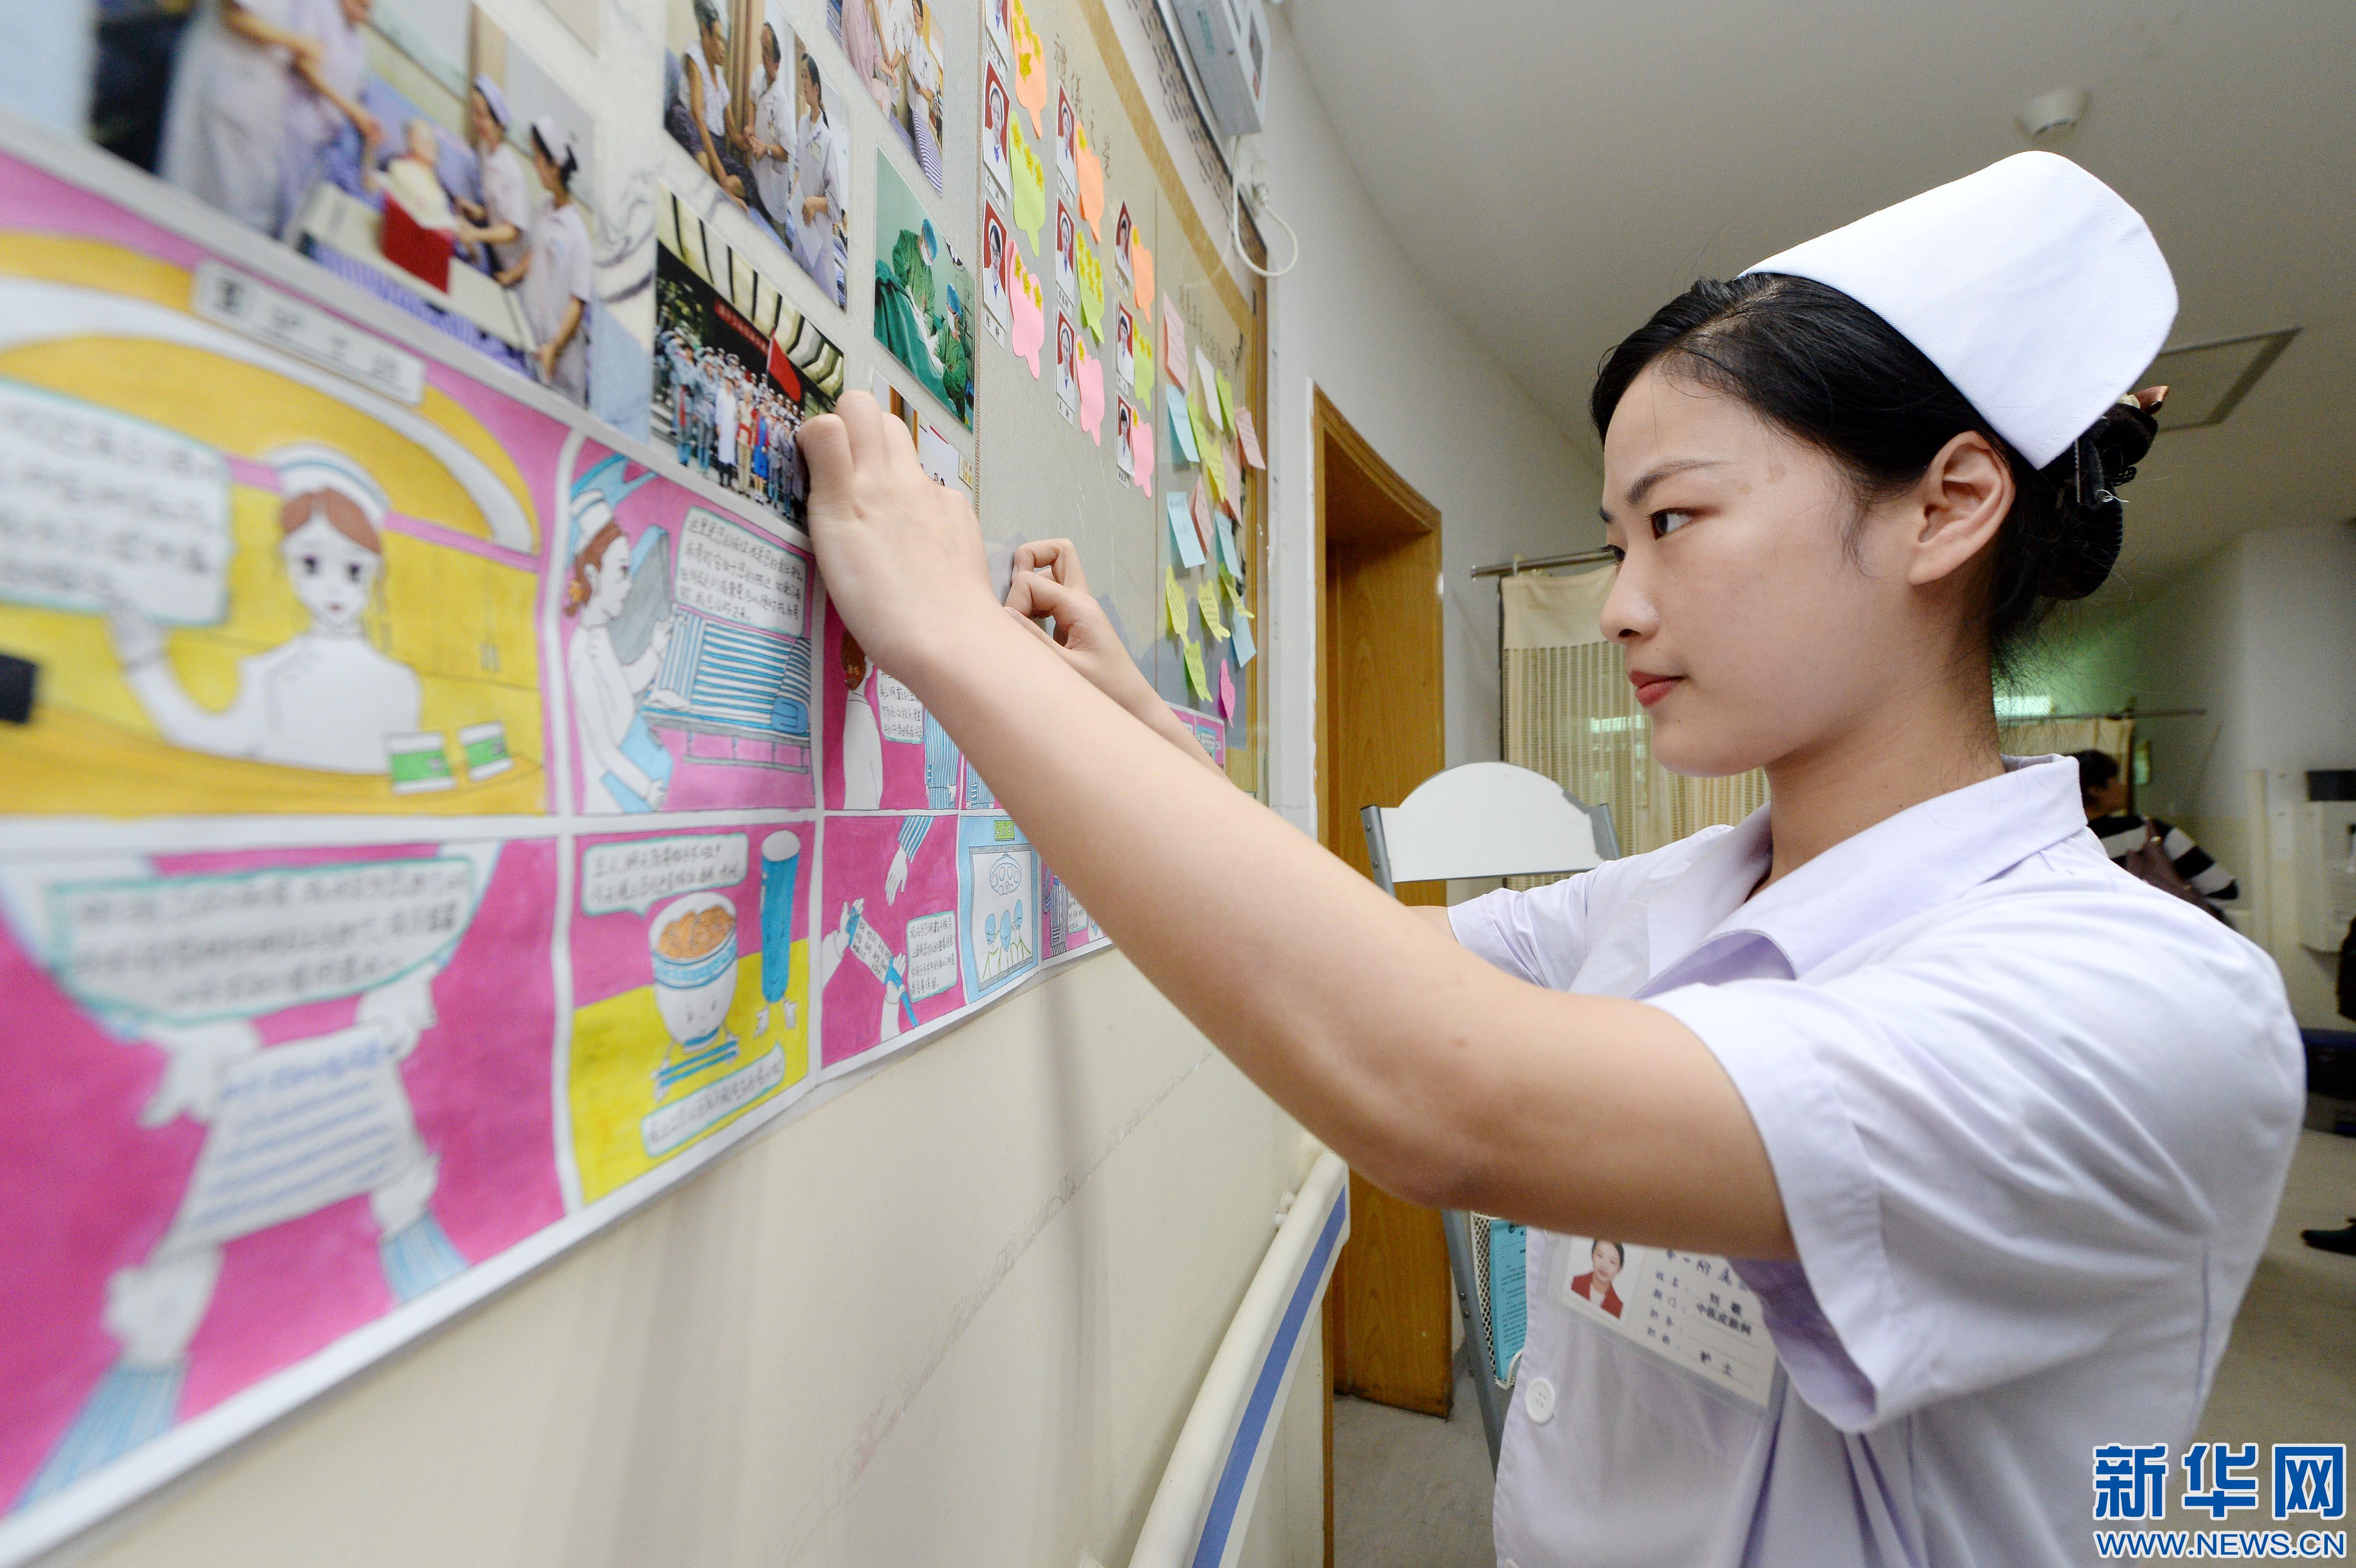 青年护士刘敬的暖心漫画:传递对患者的关爱